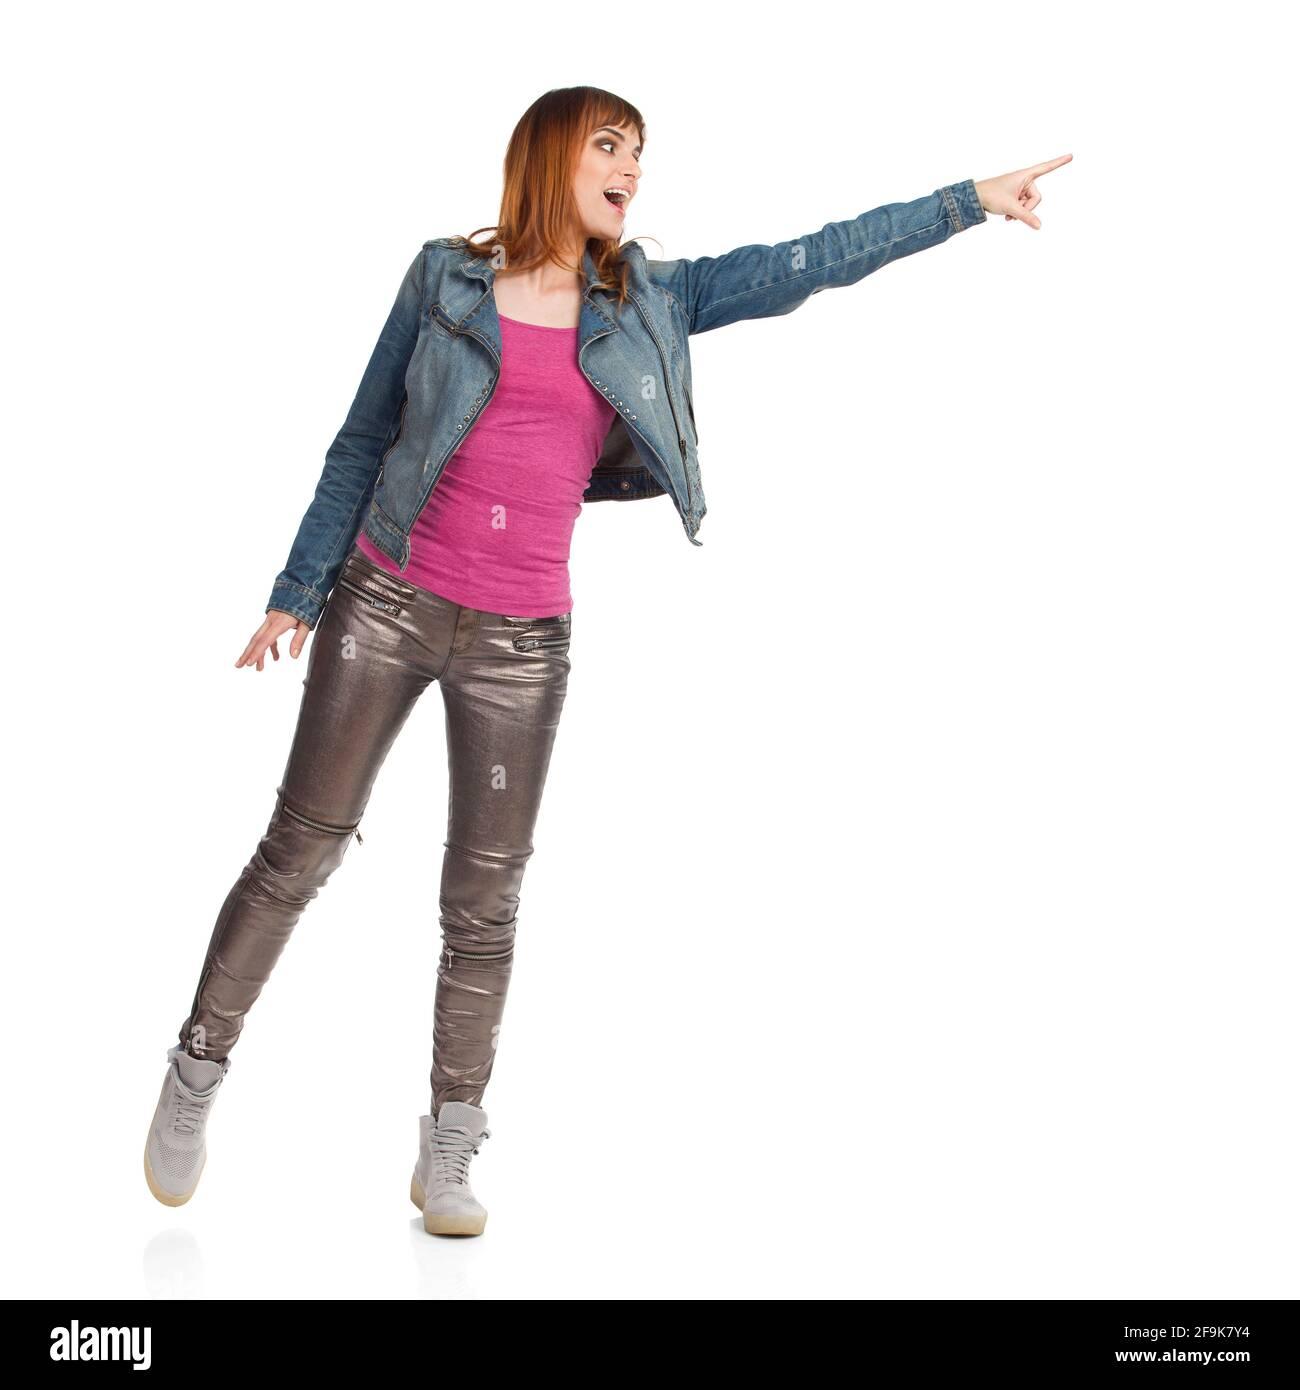 Rire jeune femme en veste de Jean, pantalon brillant et baskets essaie de toucher quelque chose. Prise de vue en studio sur toute la longueur isolée sur blanc. Banque D'Images